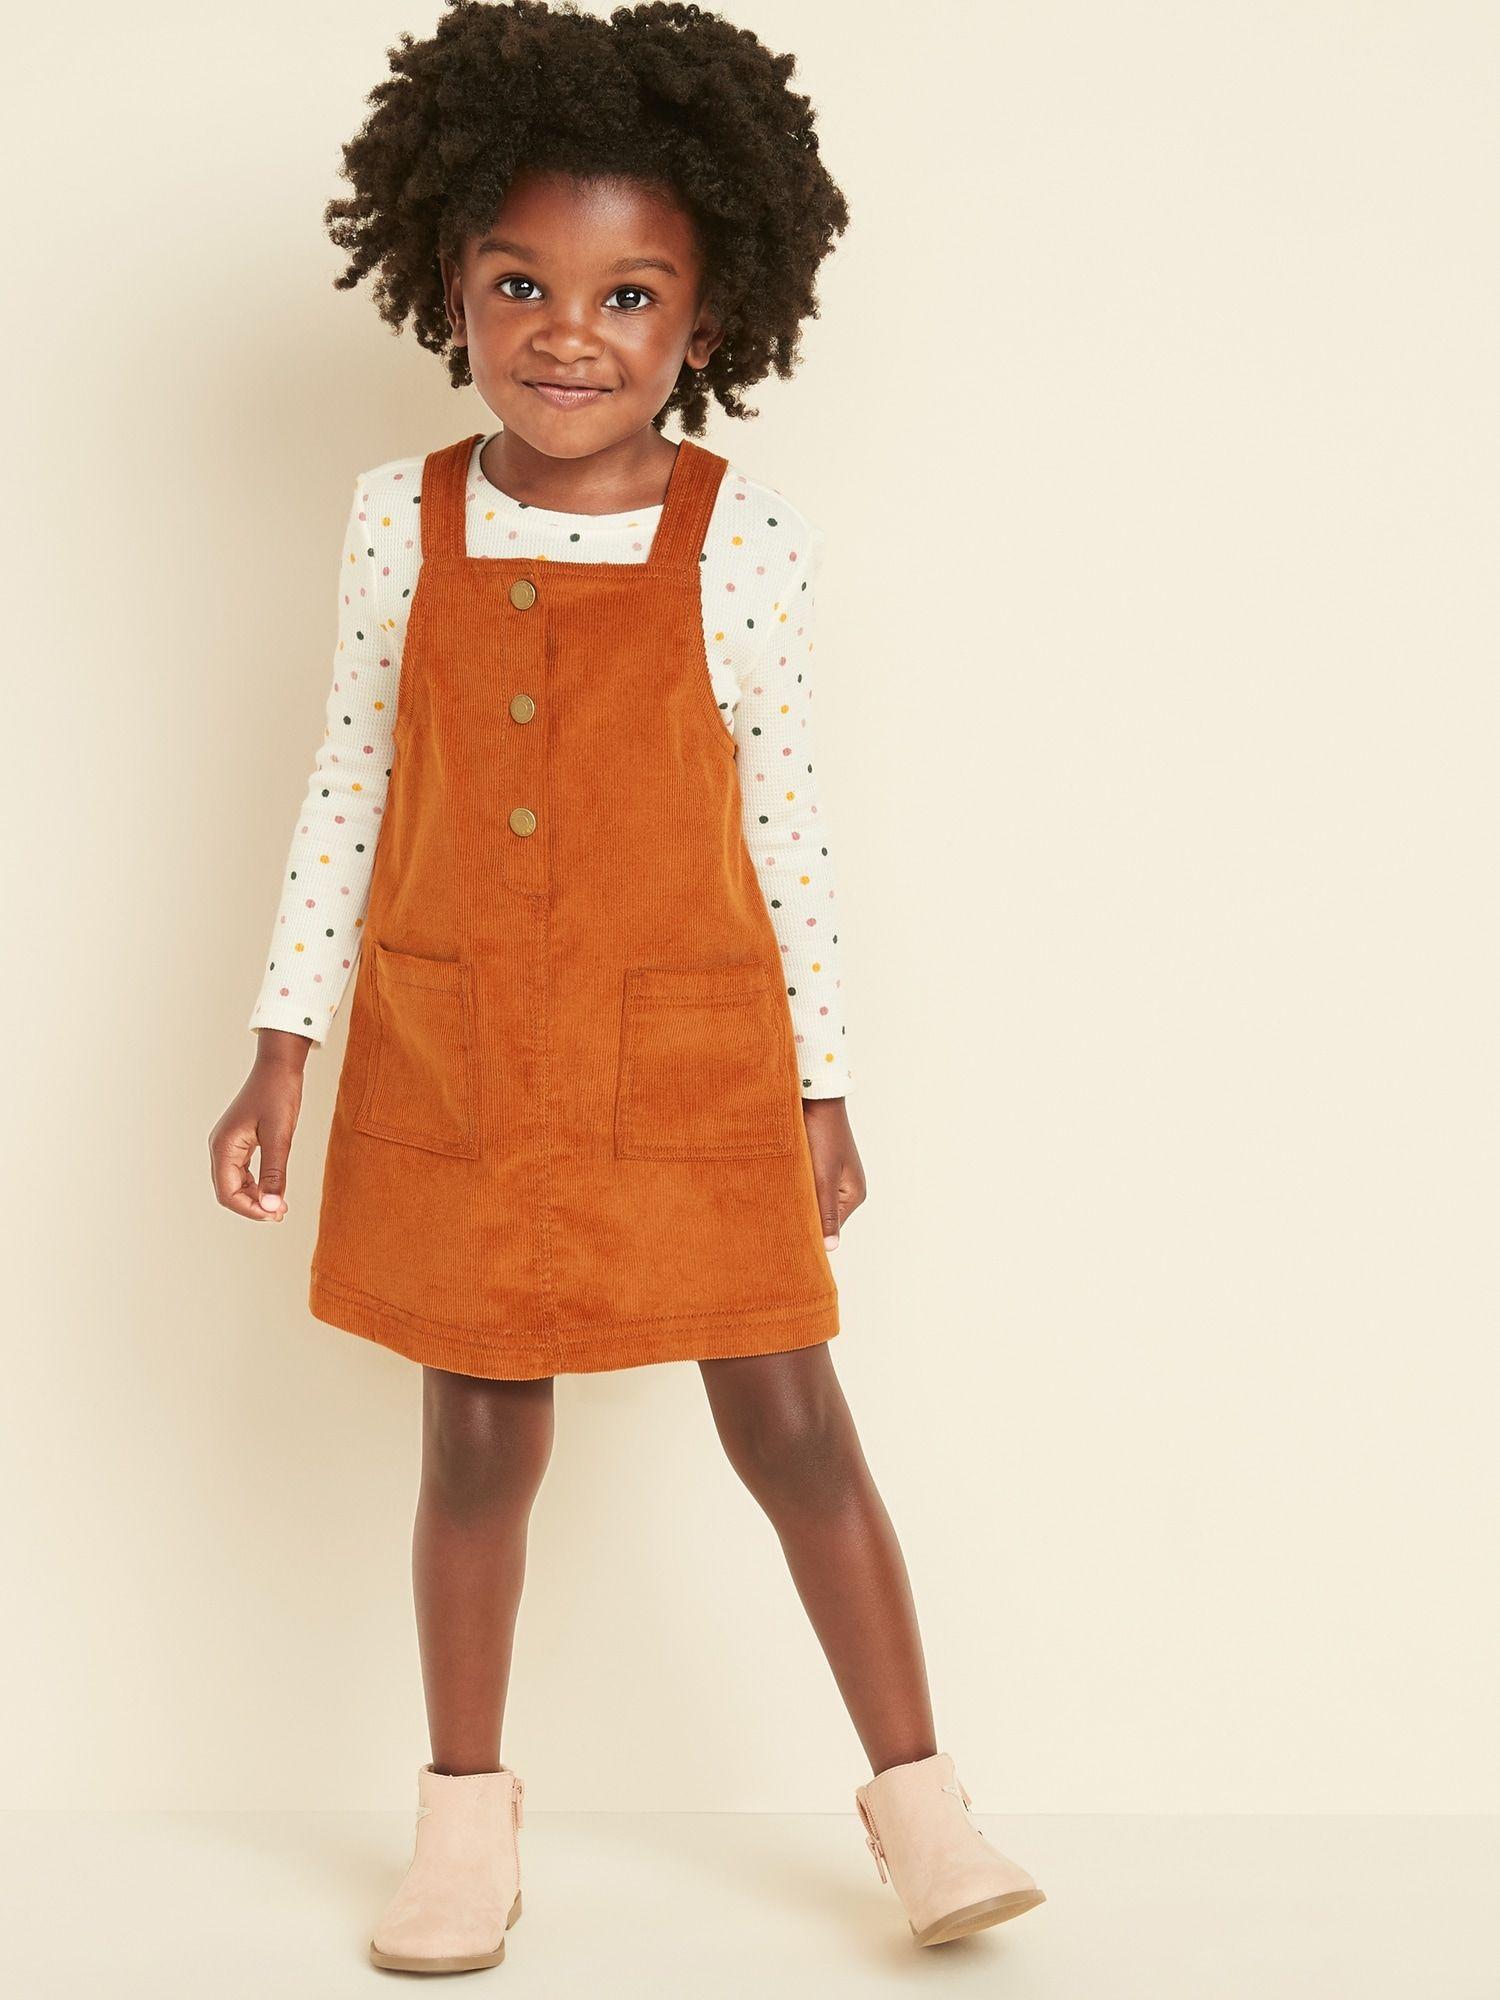 Corduroy Skirtall for Toddler Girls | Old Navy | Toddler ...